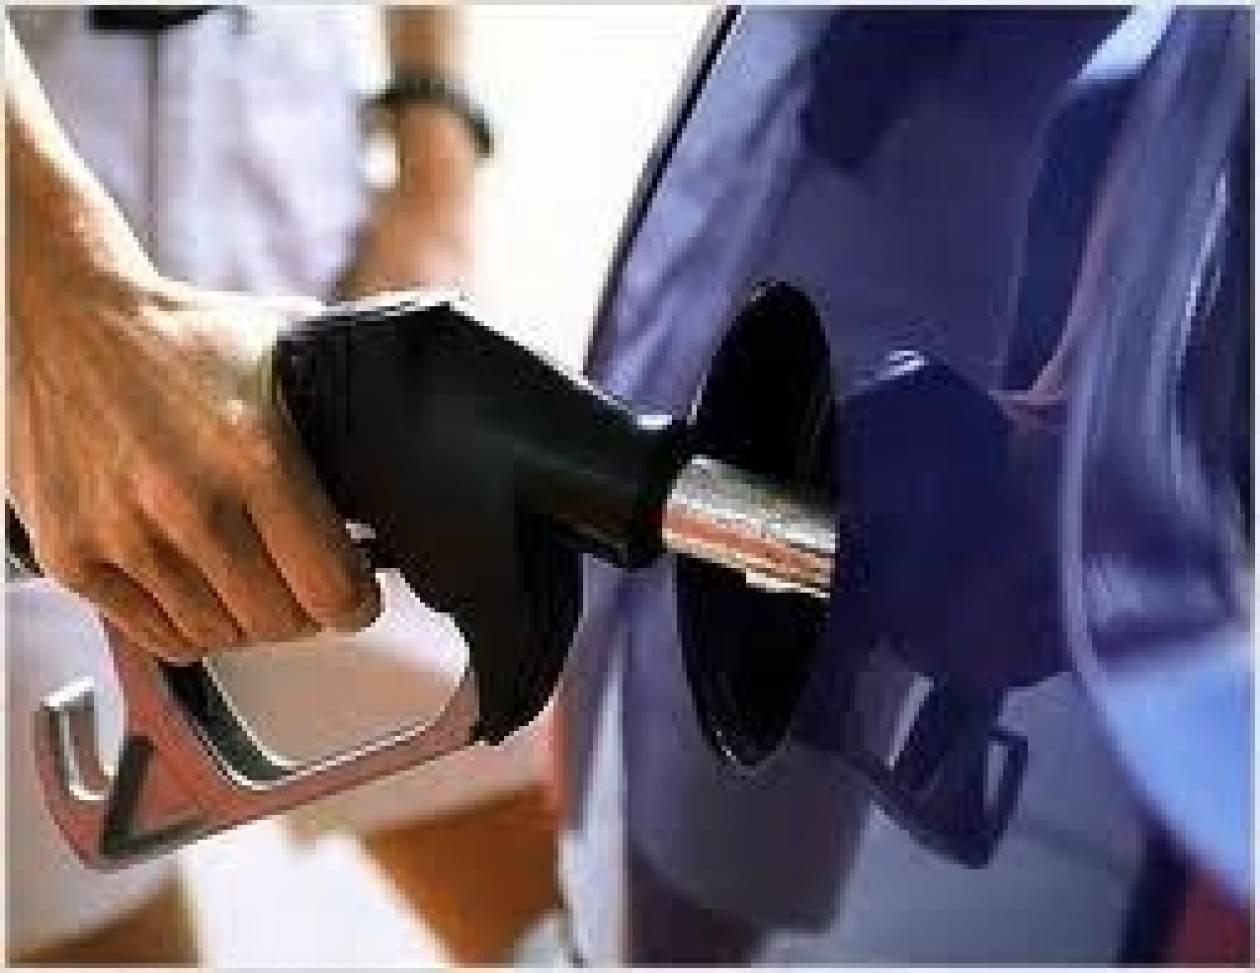 Τουρκία: Εχει την πιο ακριβή βενζίνη μεταξύ των χωρών μελών του ΟΟΣΑ